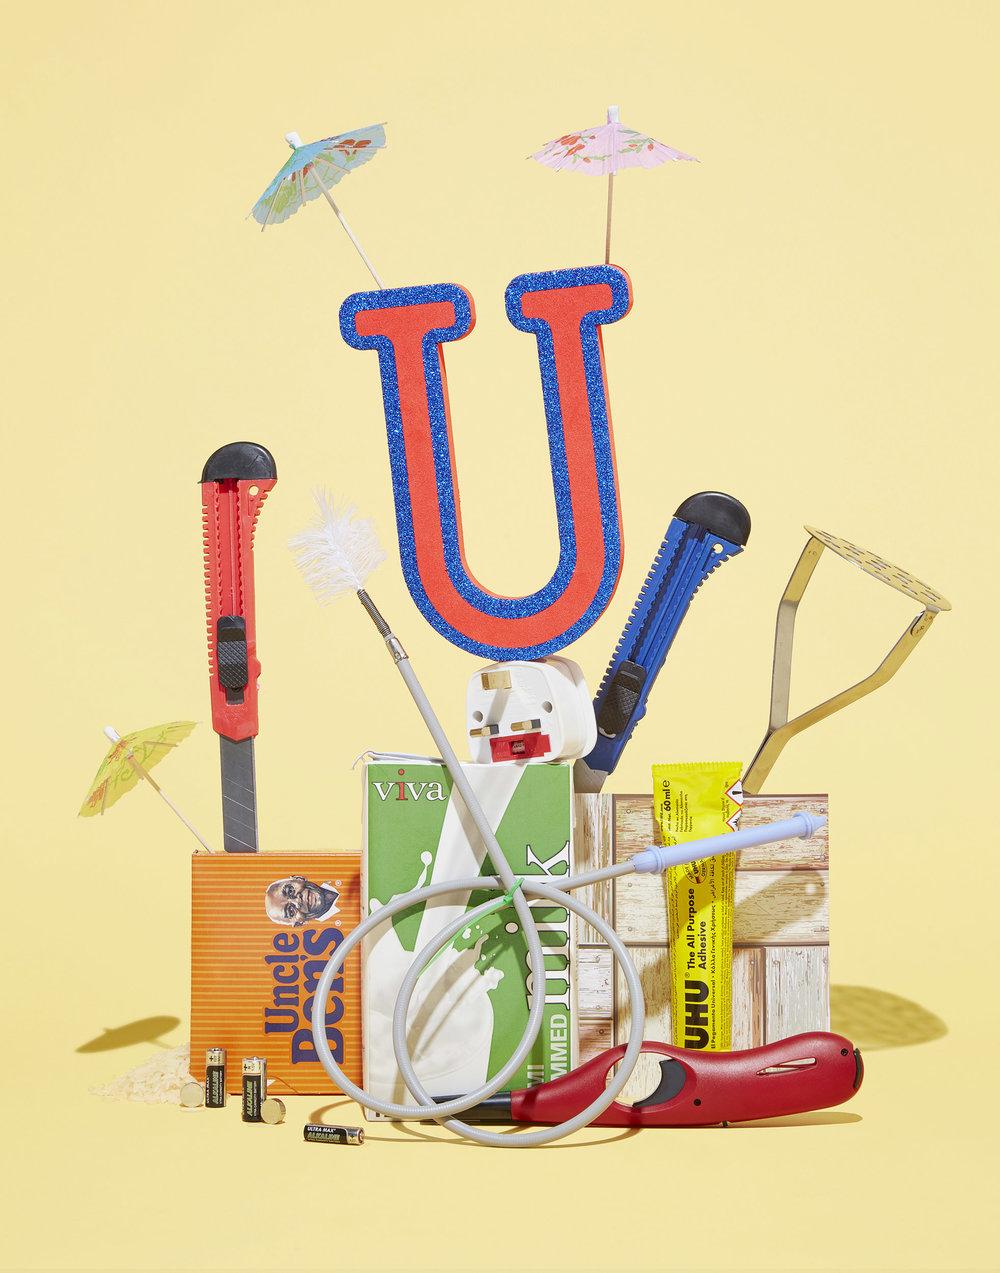 U - Pound